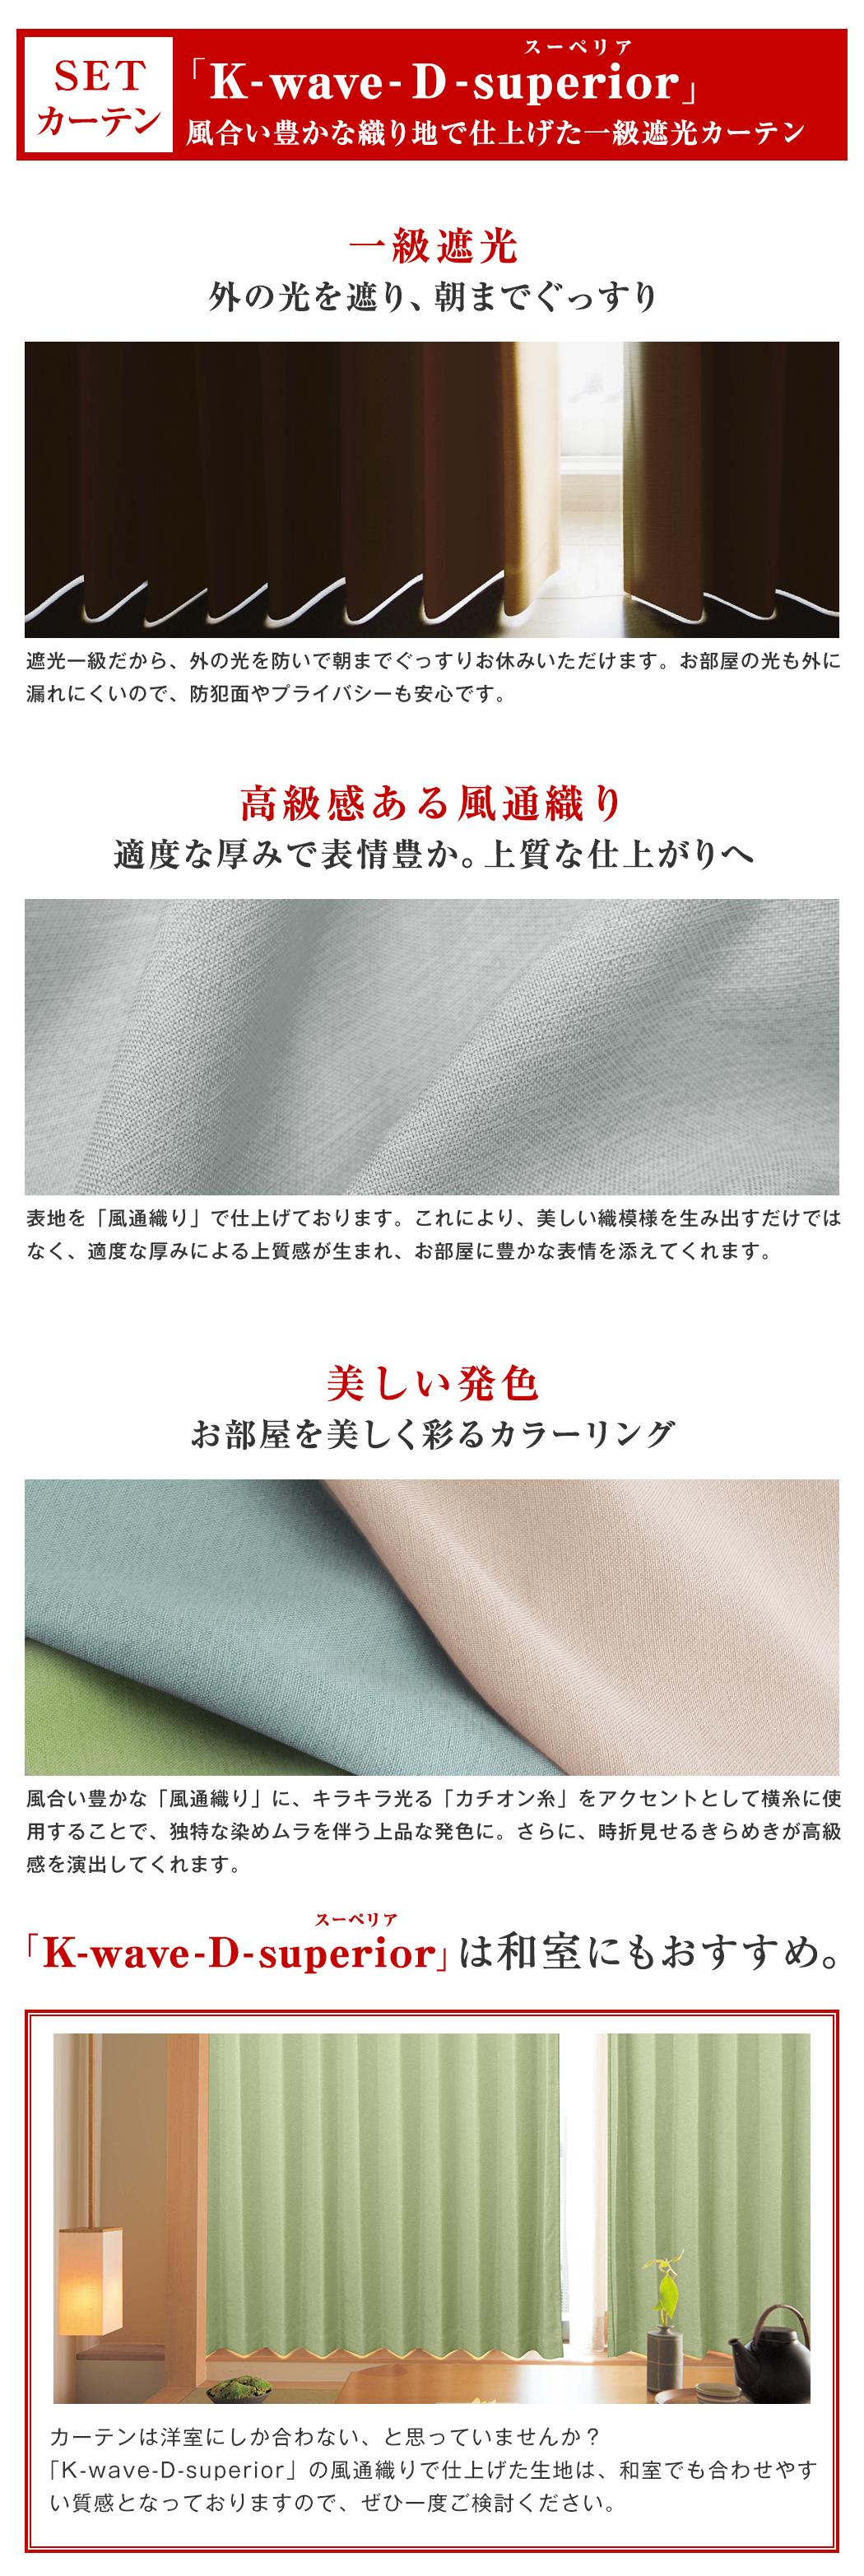 SETカーテン 「K-wave-D-superior」風合い豊かな織り地で仕上げた一級遮光カーテン